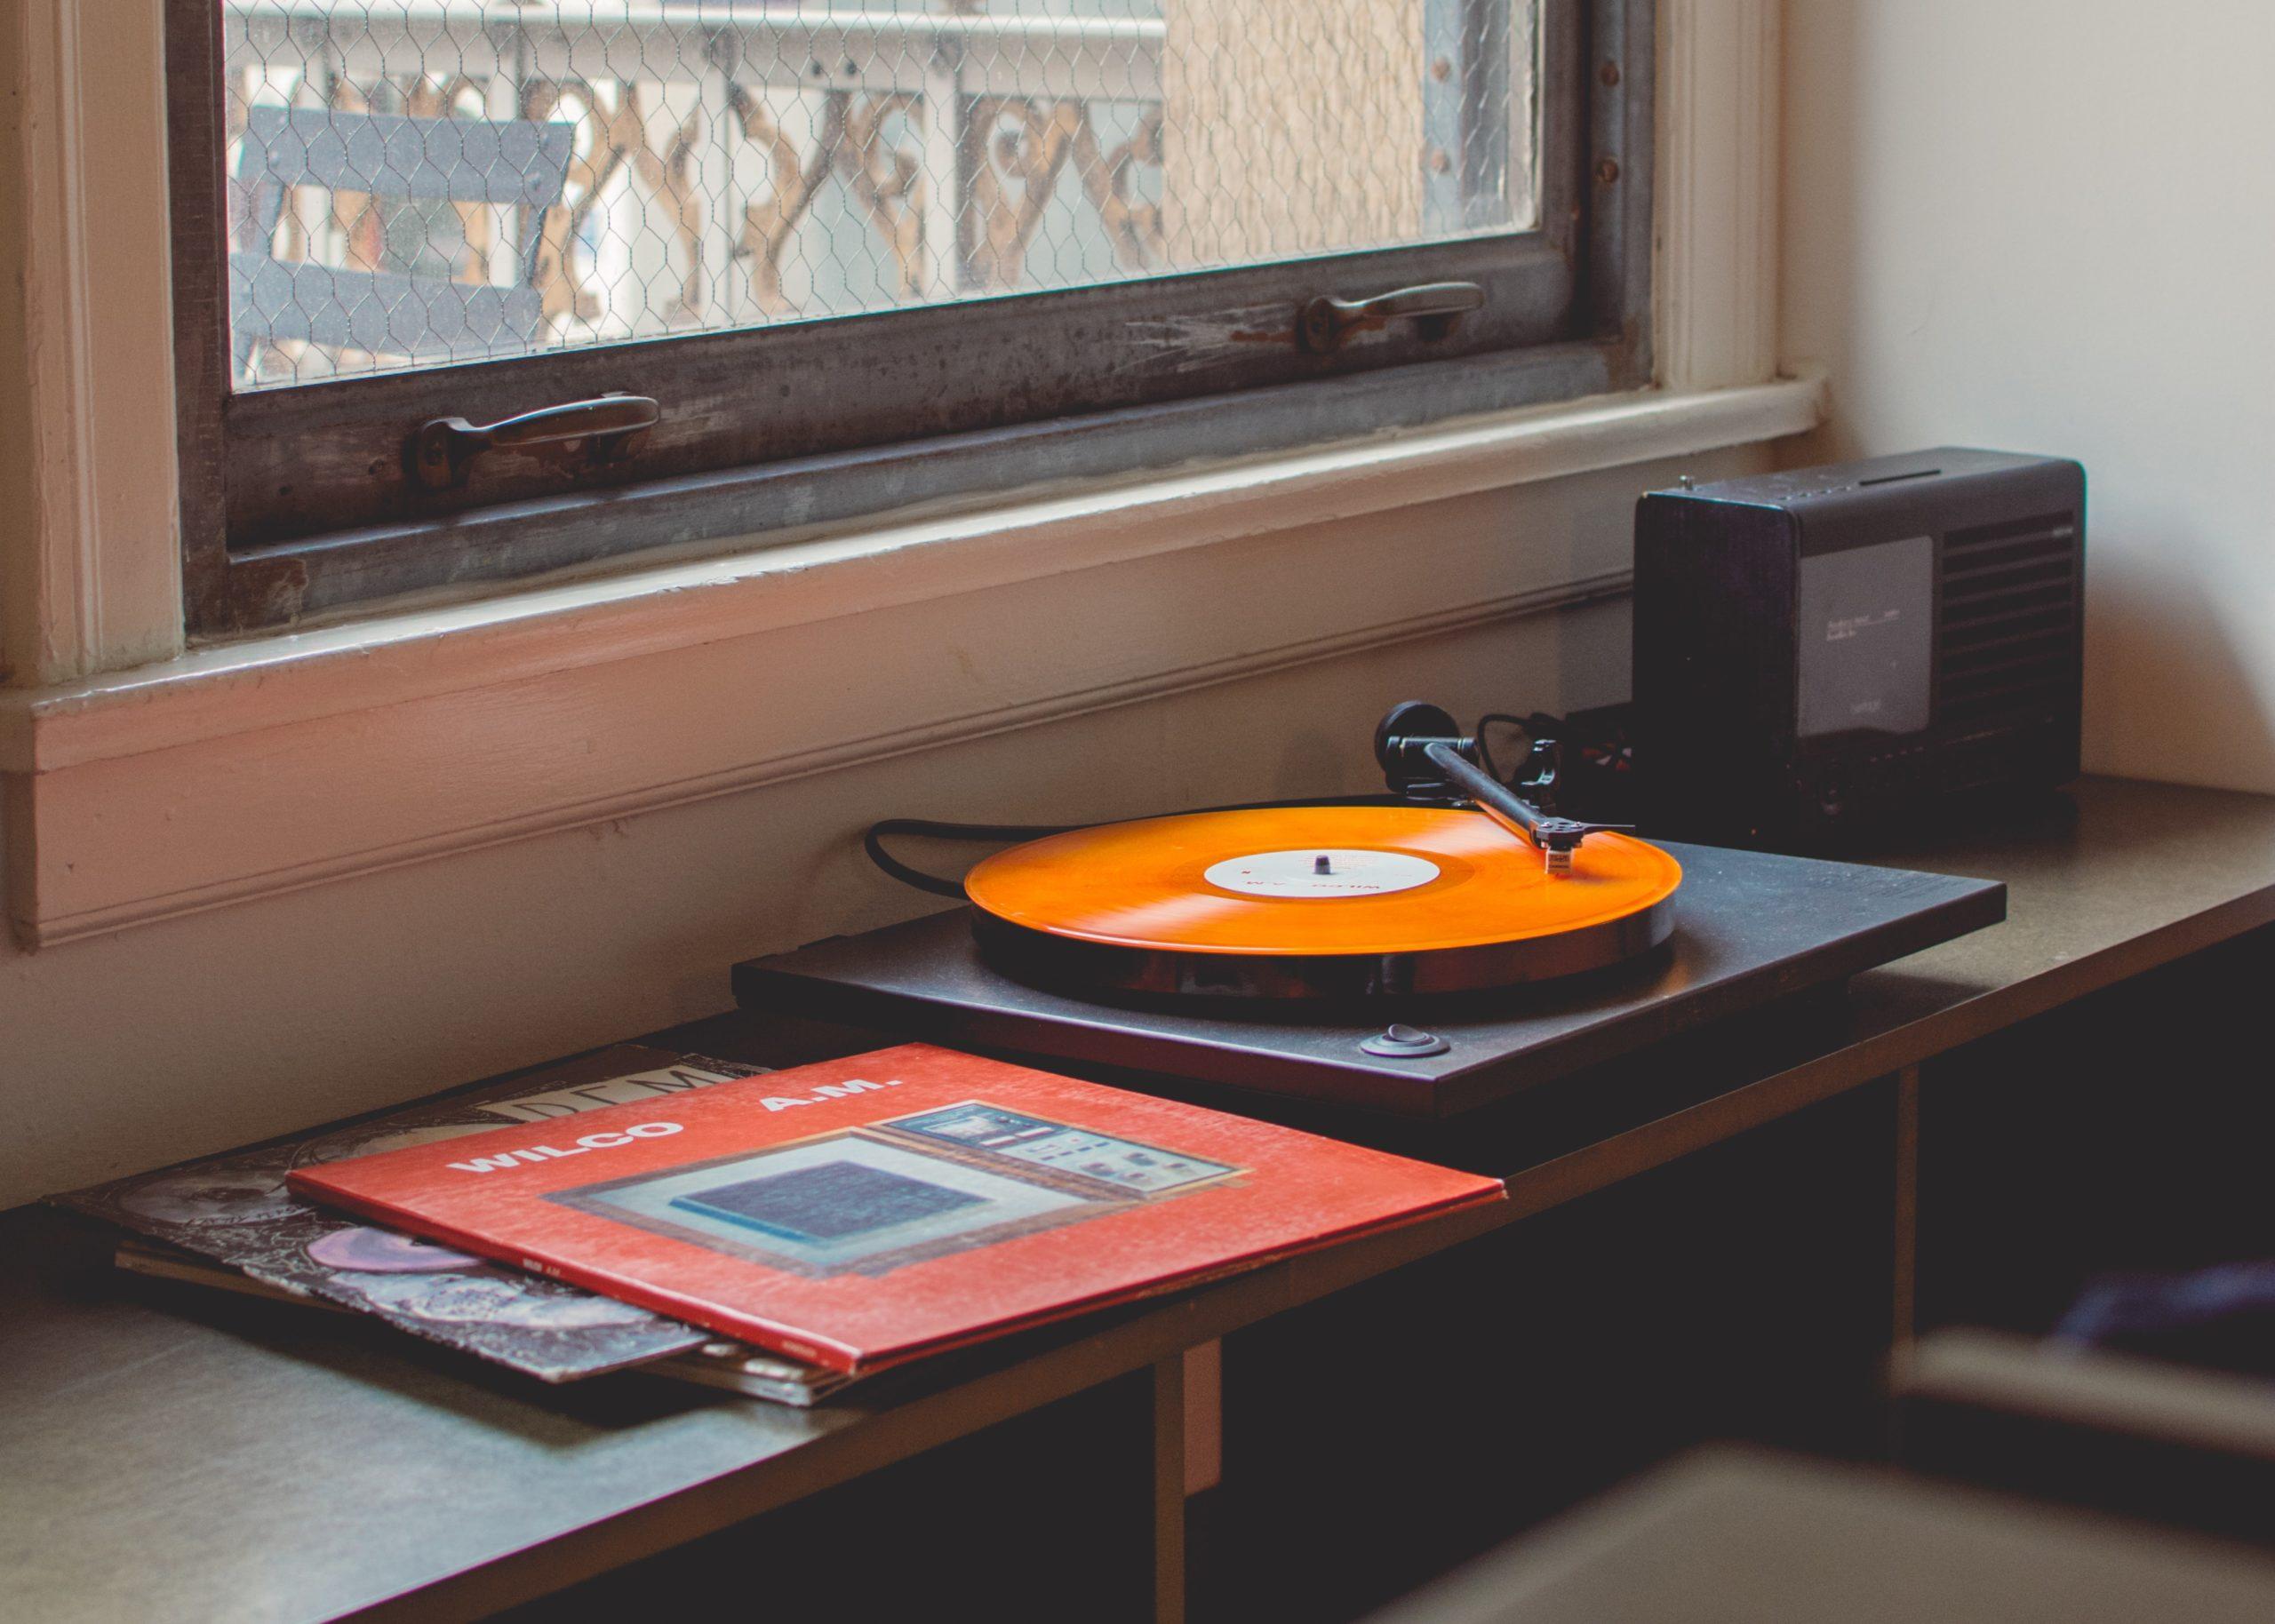 ストレスを乗り越える レジリエンス強化のための音楽鑑賞メソッド